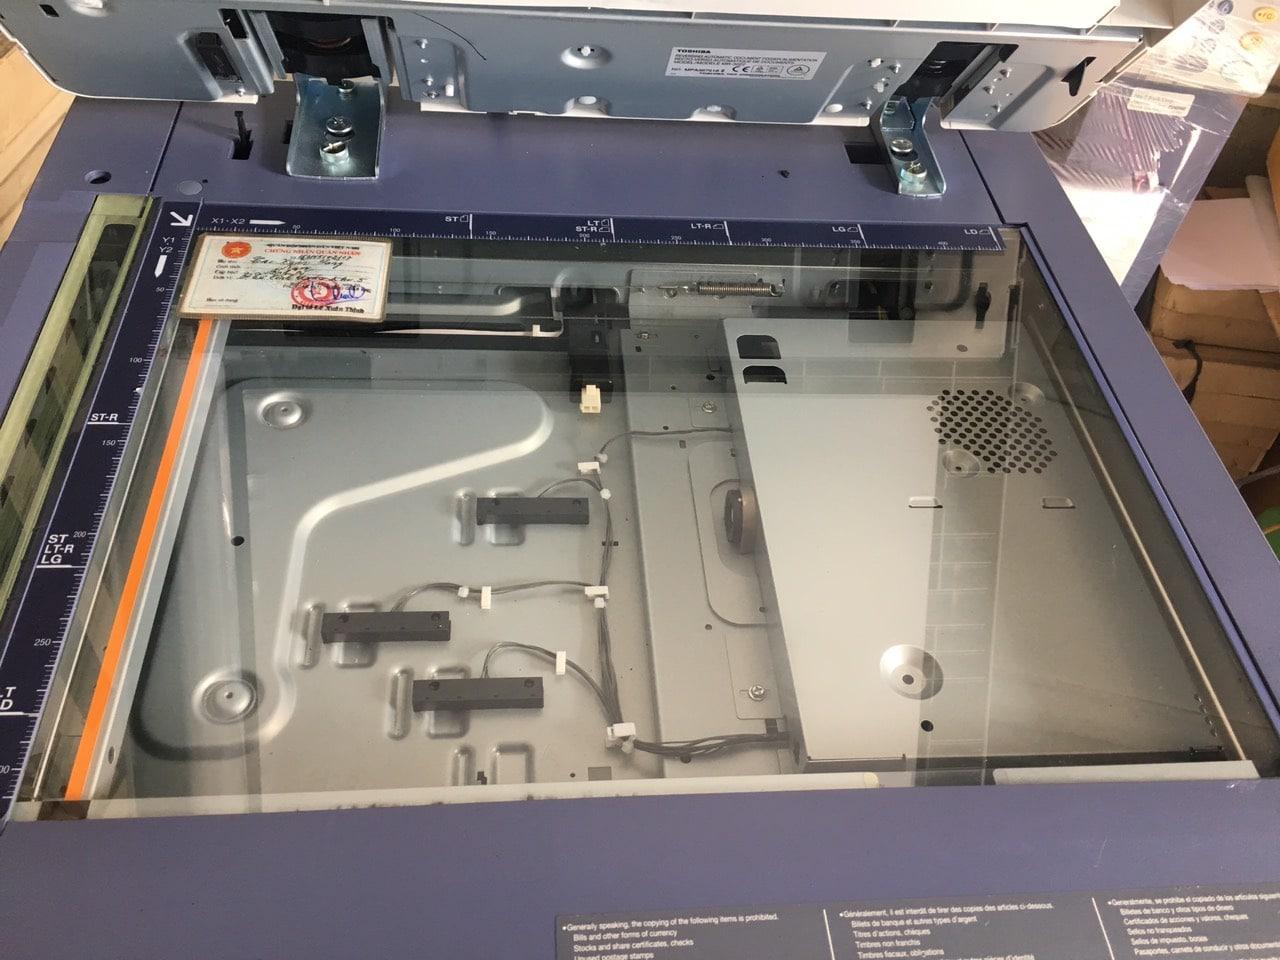 Photo mặt gương trên máy photocopy Toshiba